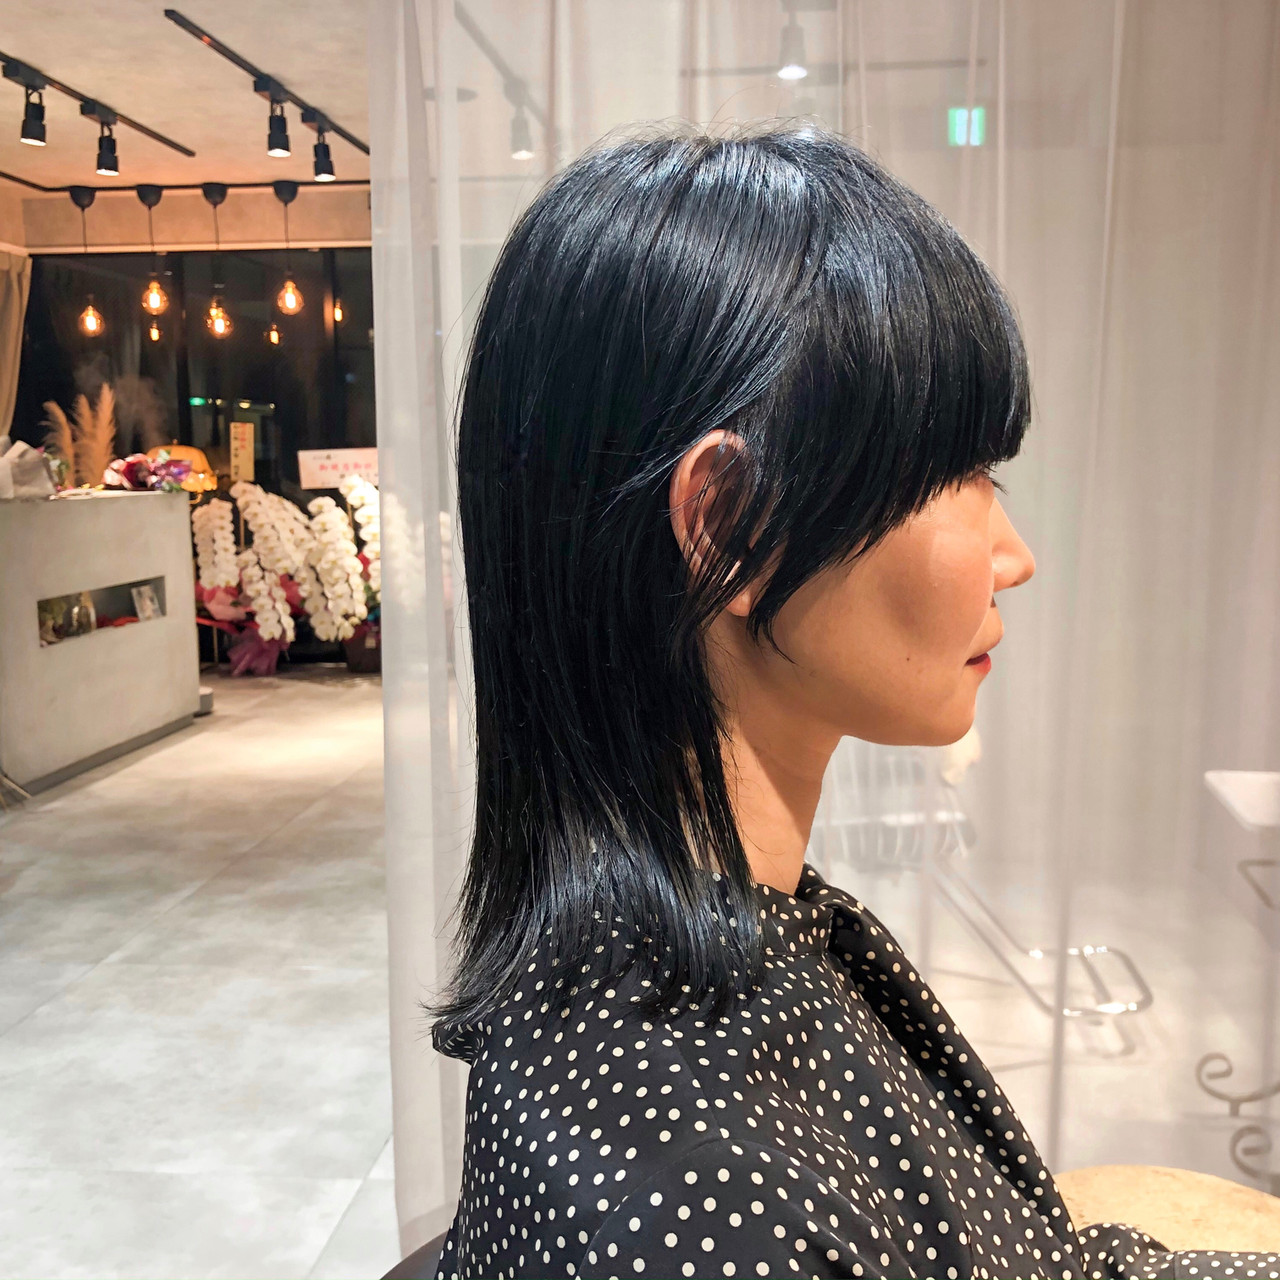 かっこいい ブルーブラック ミディアム 外ハネ ヘアスタイルや髪型の写真・画像 | 加山 暸汰 / till